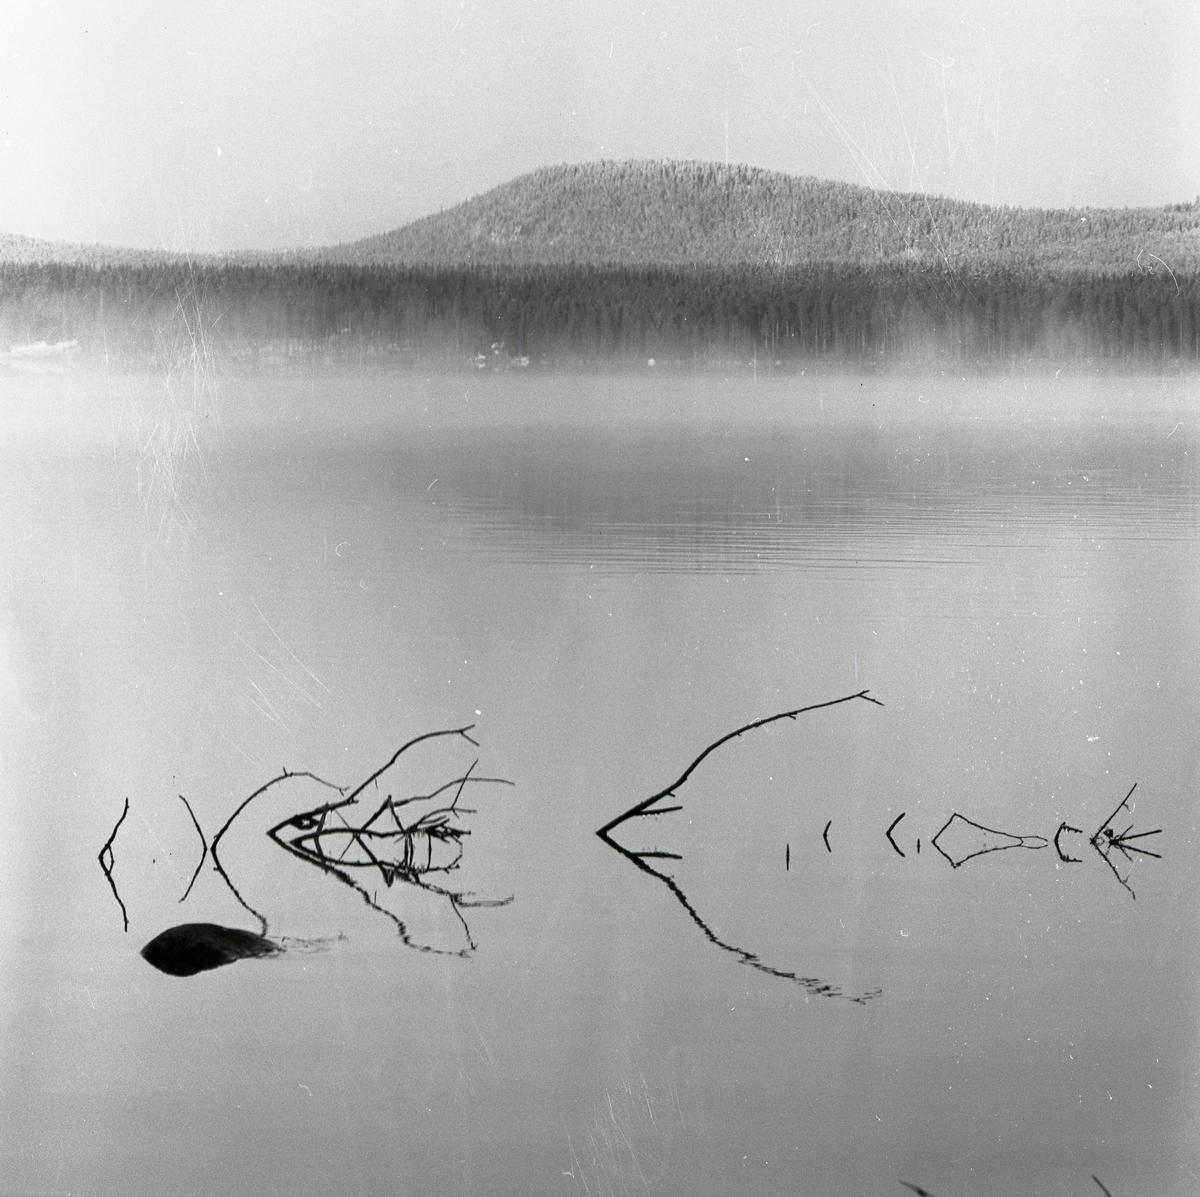 Några grenar sticker upp ur den spegelblanka Hölesjön vid Skäftesberget, december 1961.